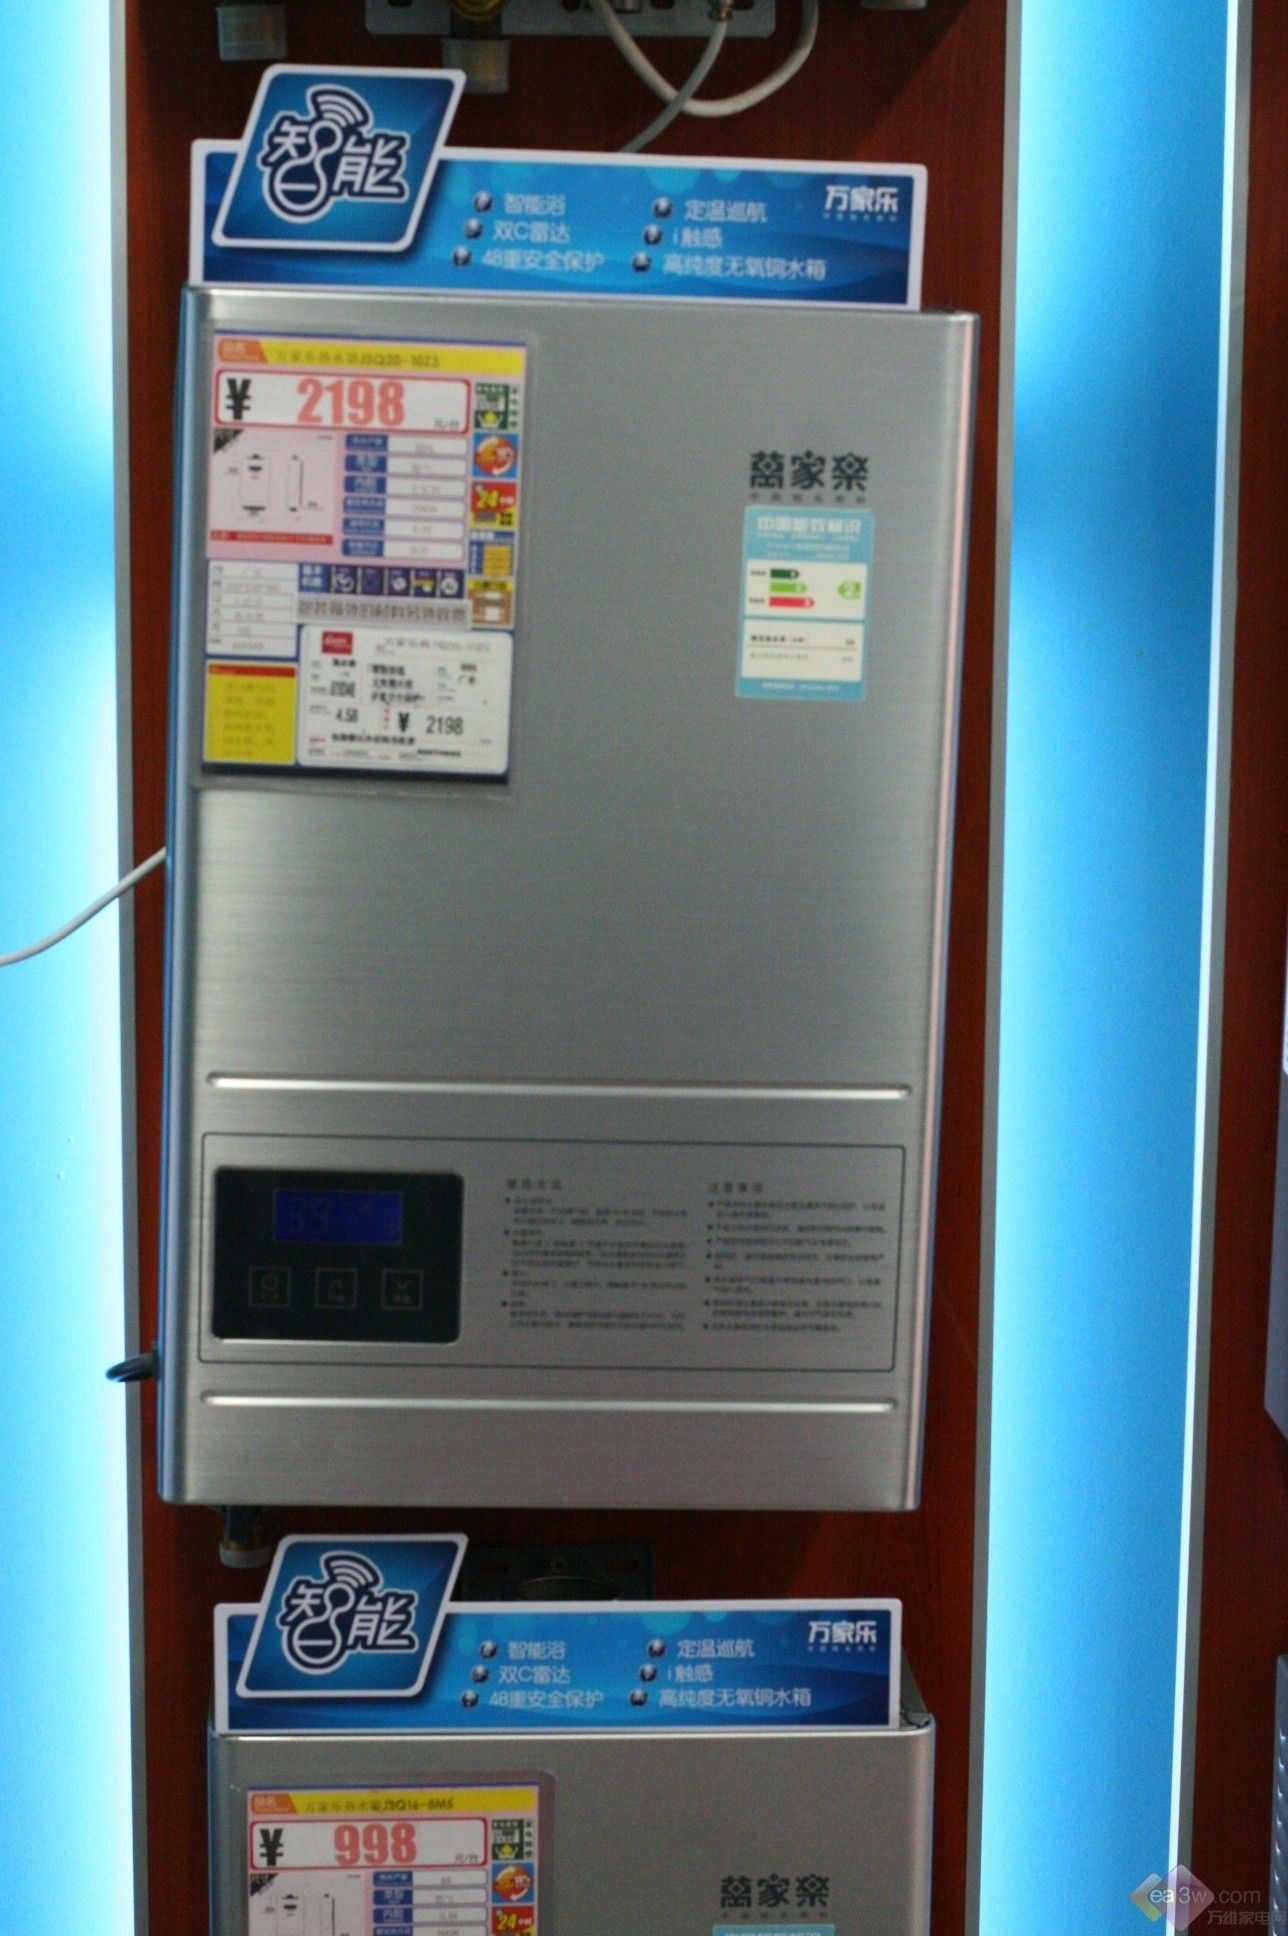 万家乐热水器jsq20-10z3恒温型燃气热水器外观